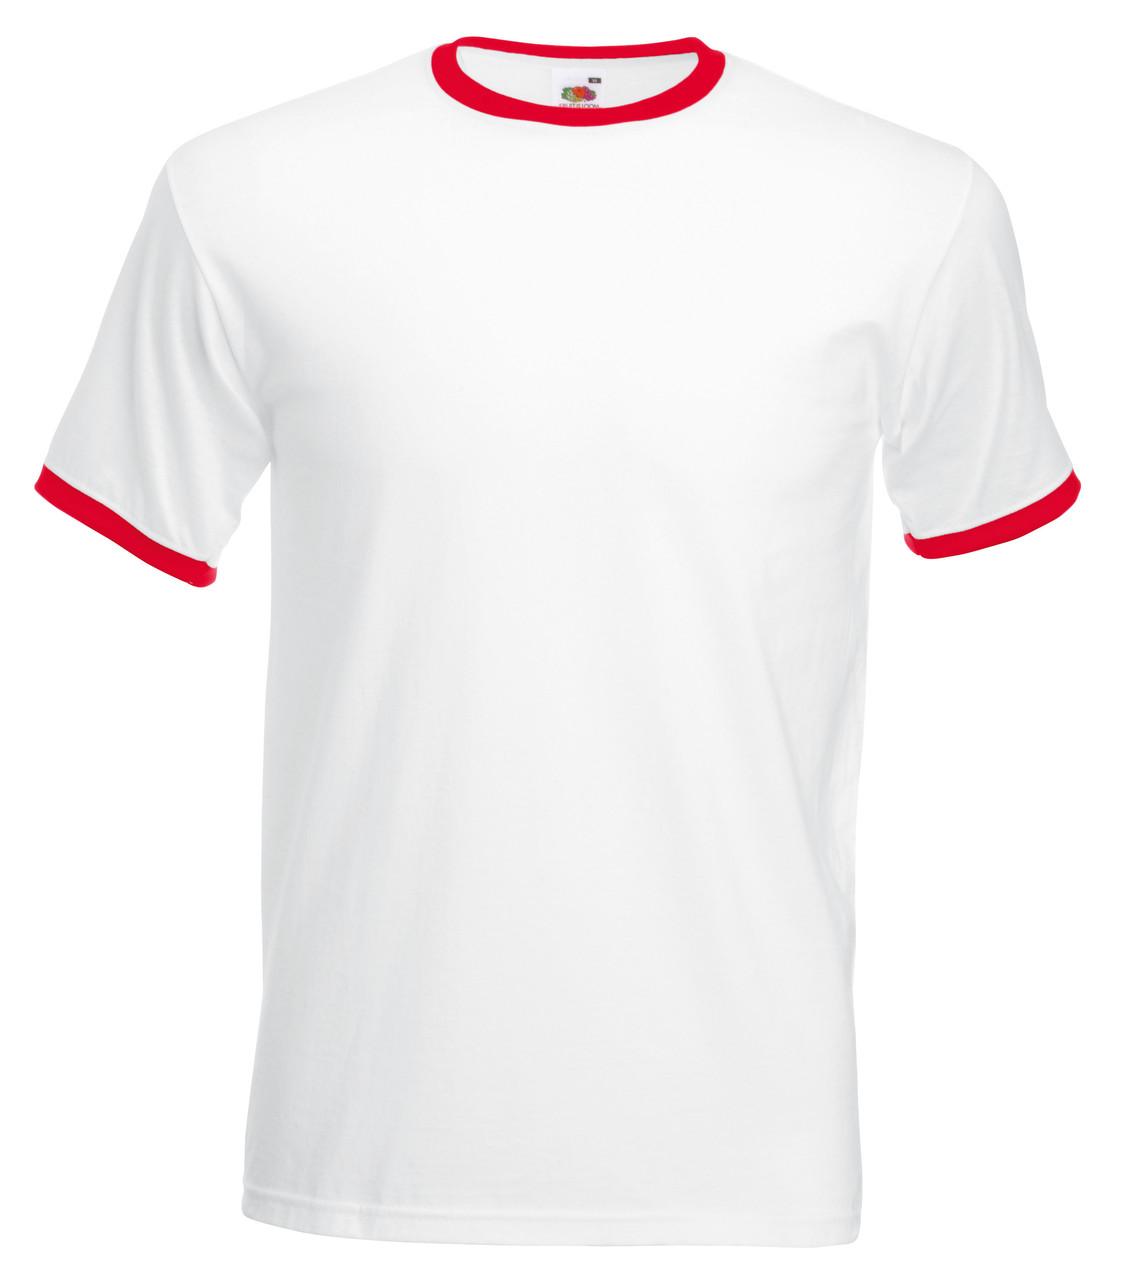 Мужская Футболка c Цветной Окантовкой Fruit of the loom Белый/Красный 61-168-Wm M